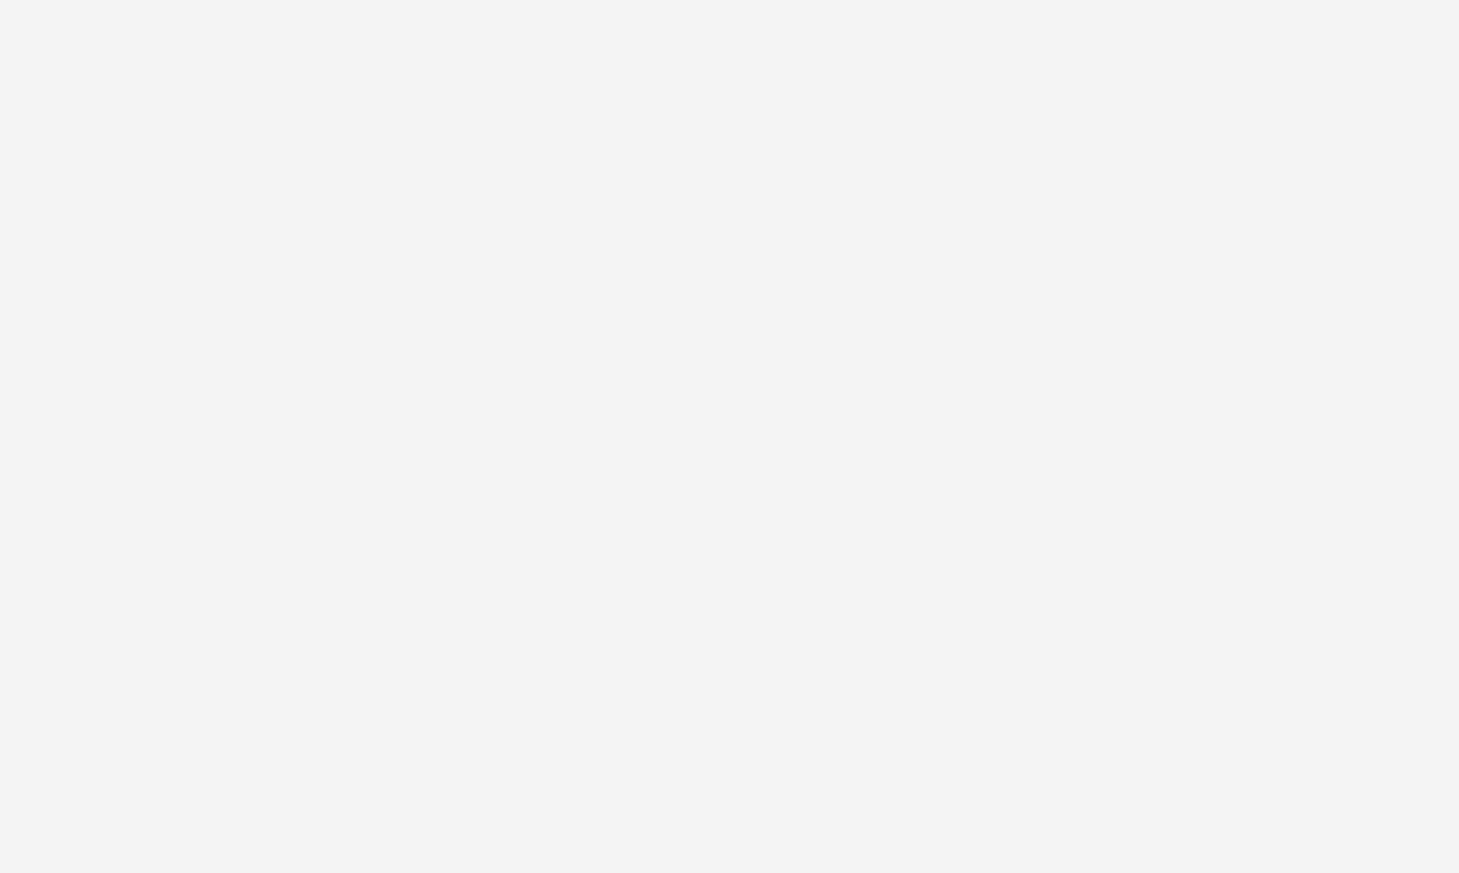 cial-medya